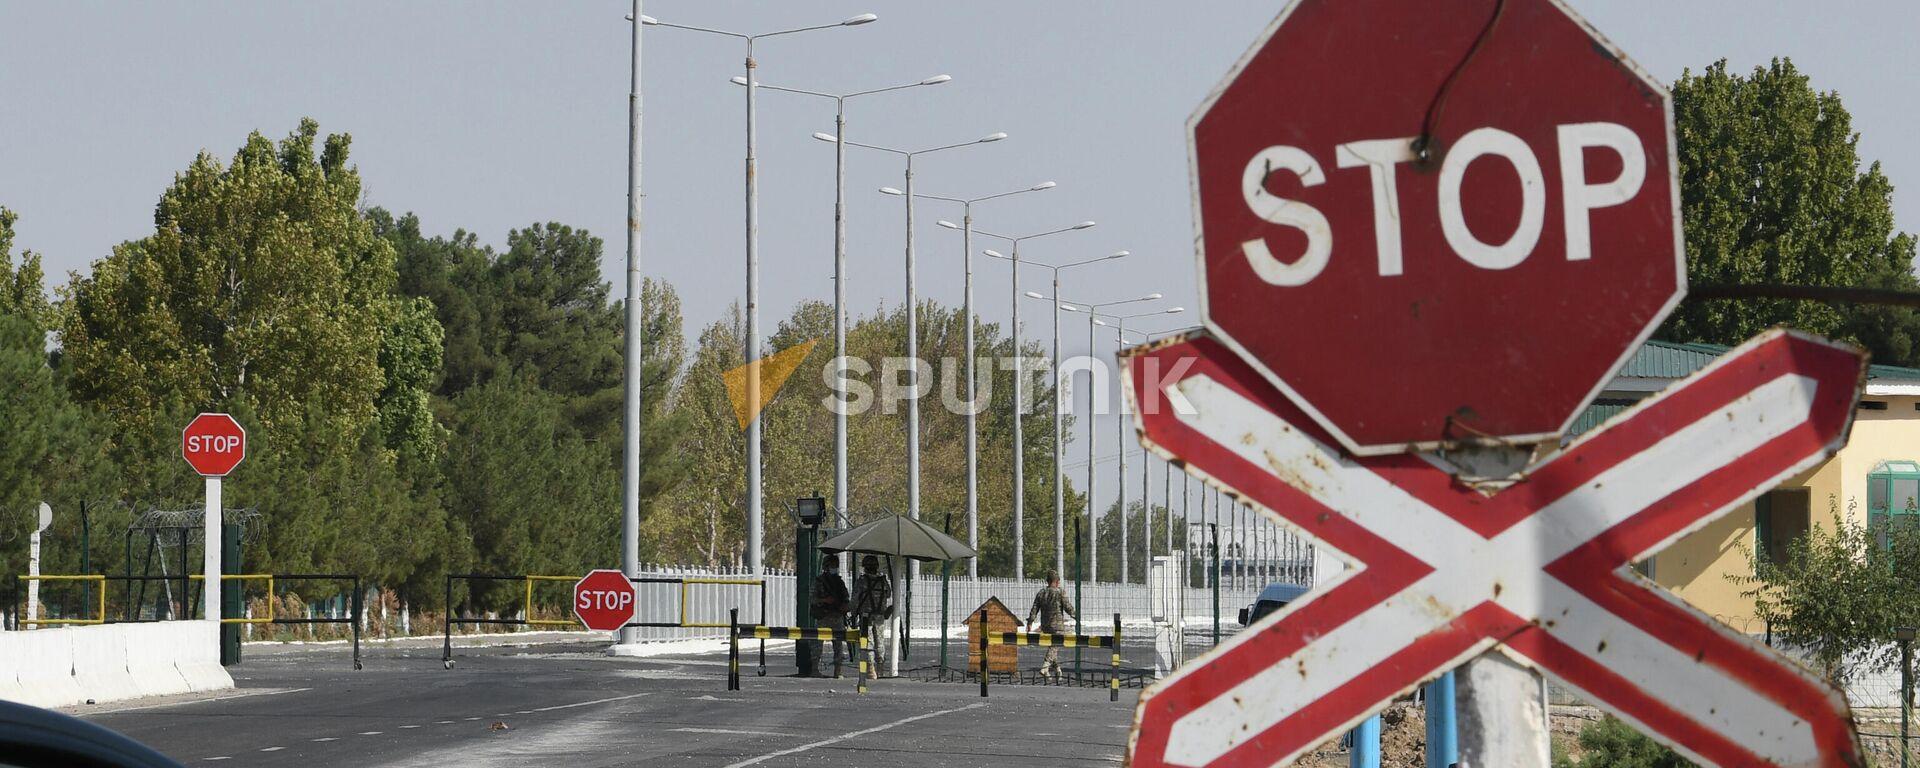 Ситуация в Термезе и на границе с Афганистаном - Sputnik Ўзбекистон, 1920, 15.08.2021